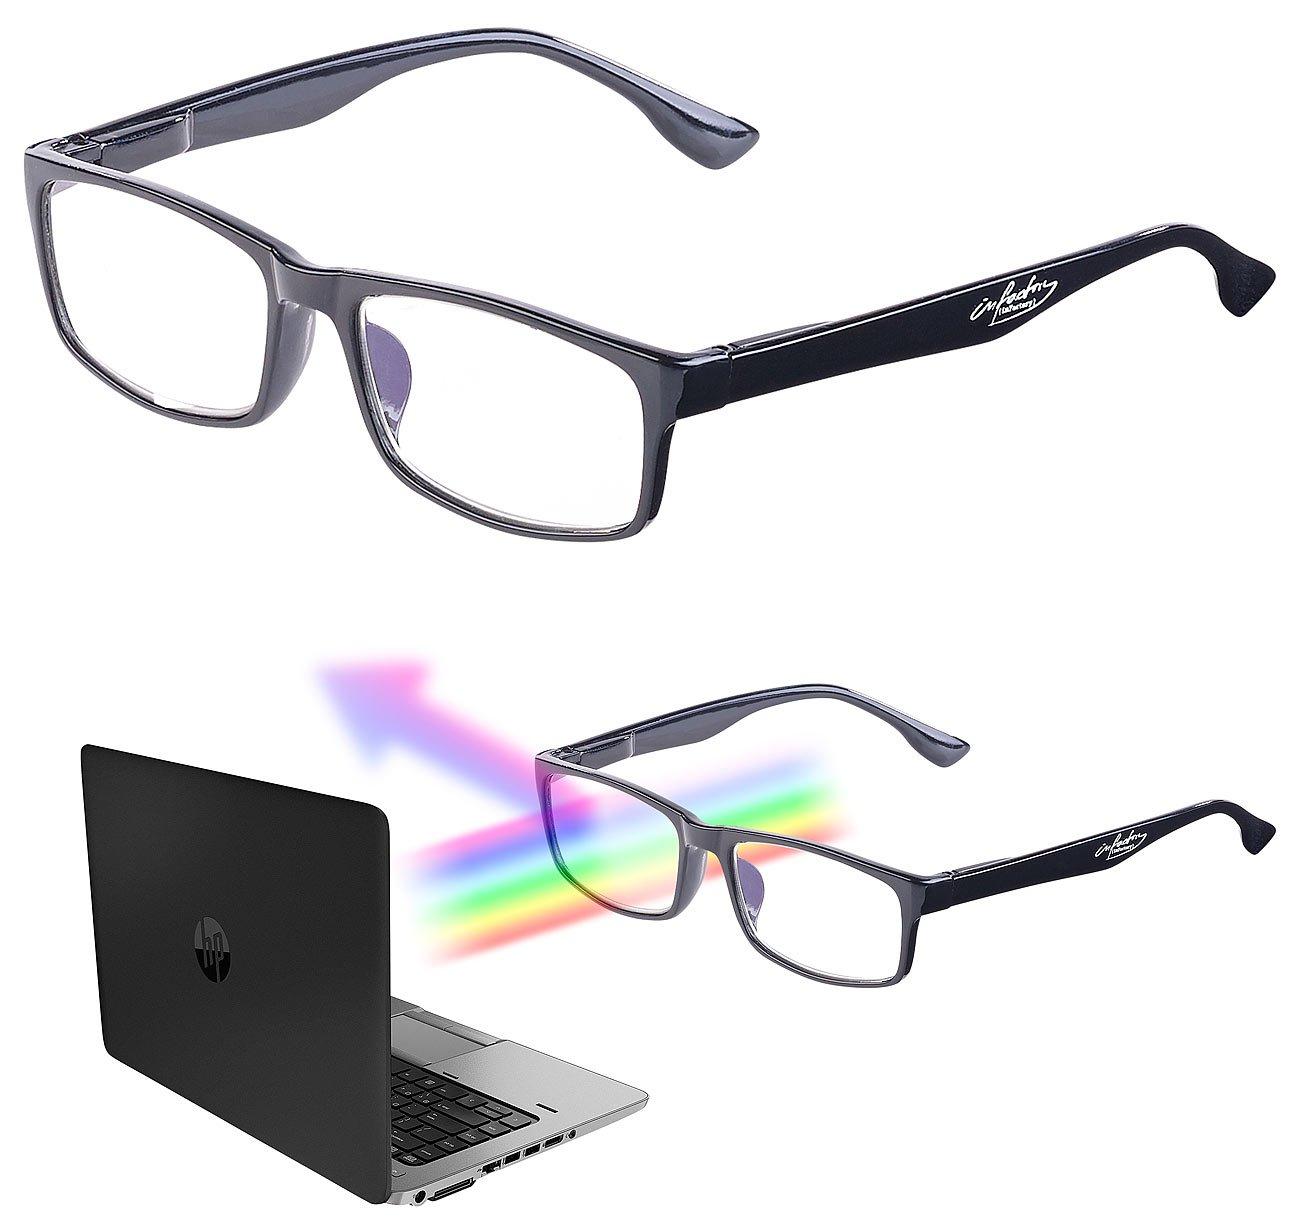 infactory Bildschirmbrille: Augenschonende Bildschirm-Brille mit Blaulicht-Filter, 2,0 Dioptrien (Blaulichtfilterbrillen)